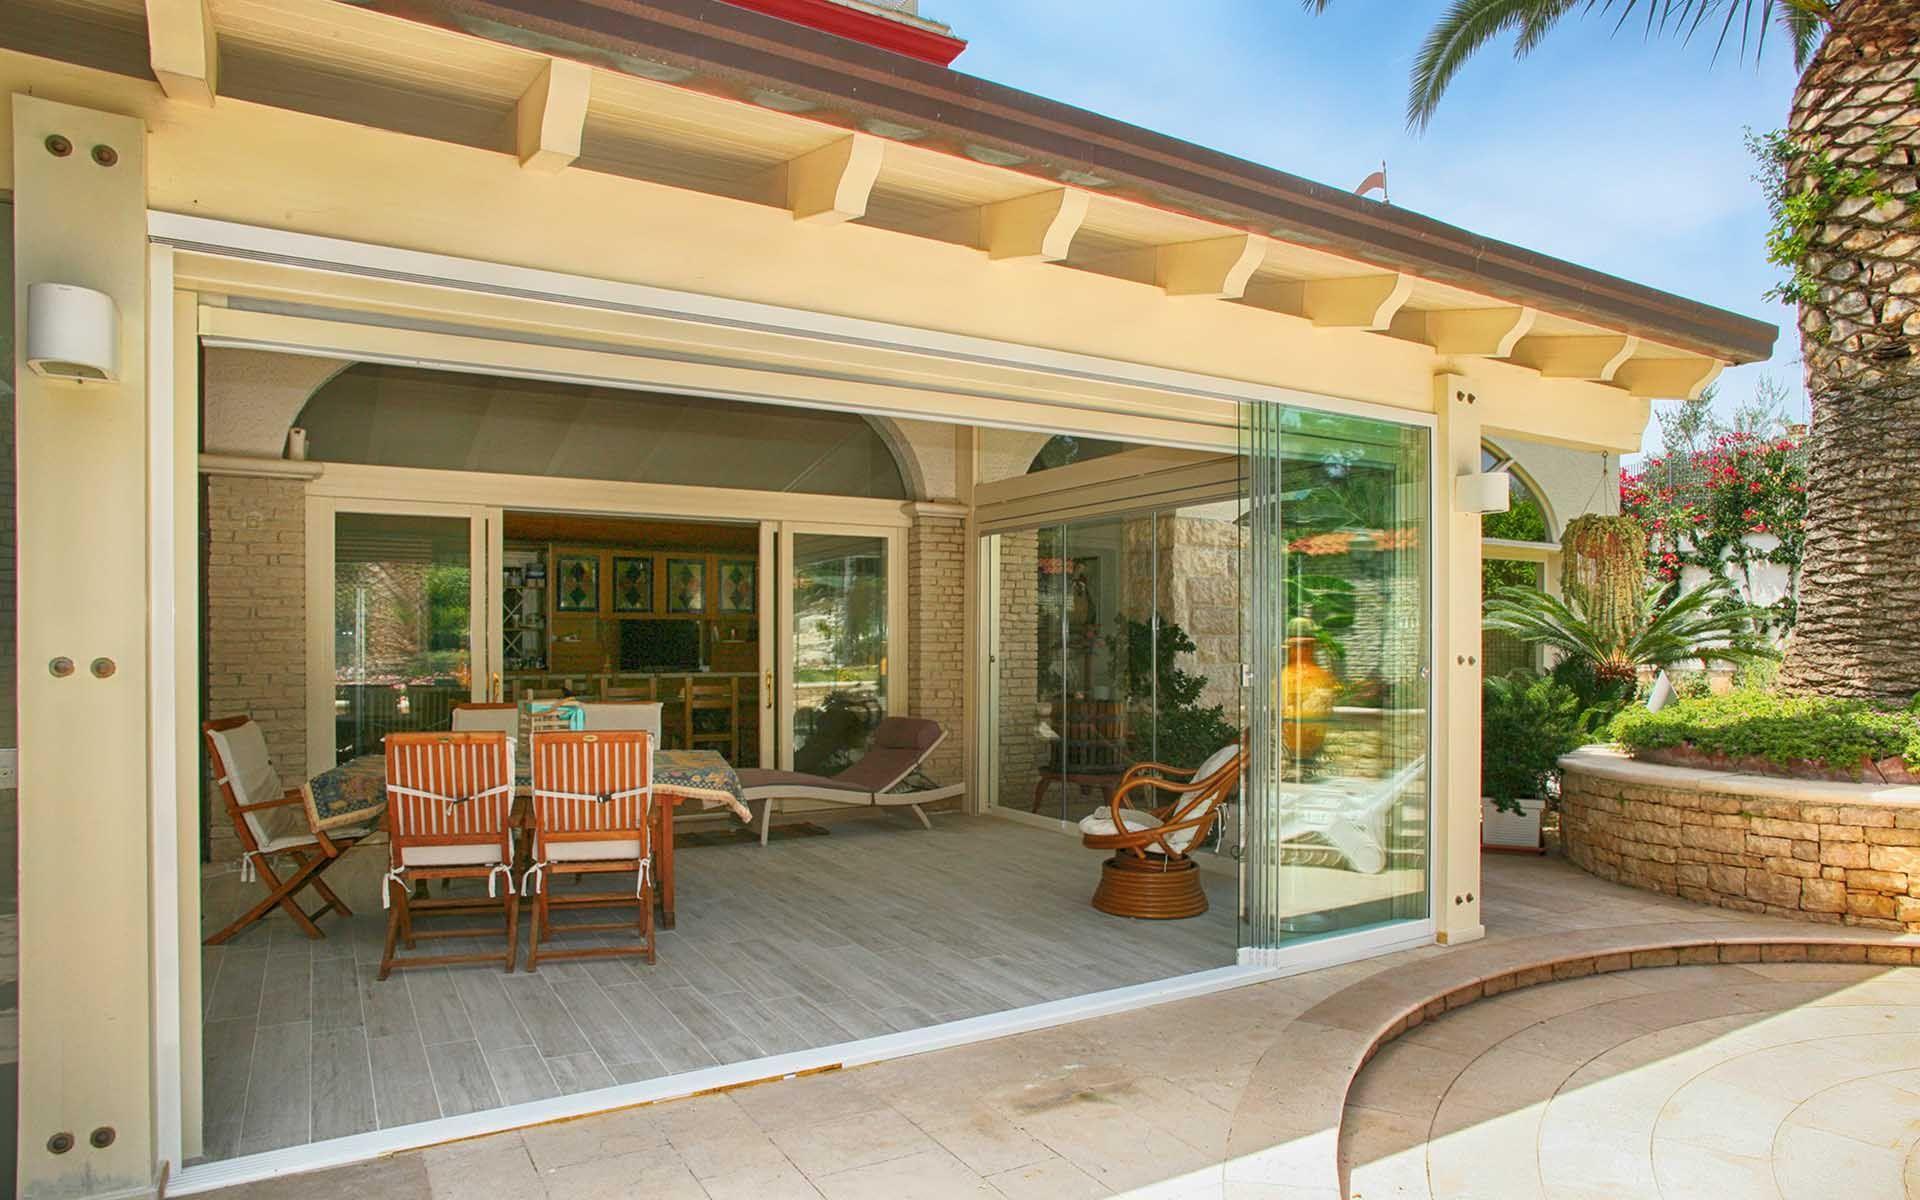 Vetrate terrazzo amazing stunning chiusura terrazzo con for Le belle vetrate scorrevoli